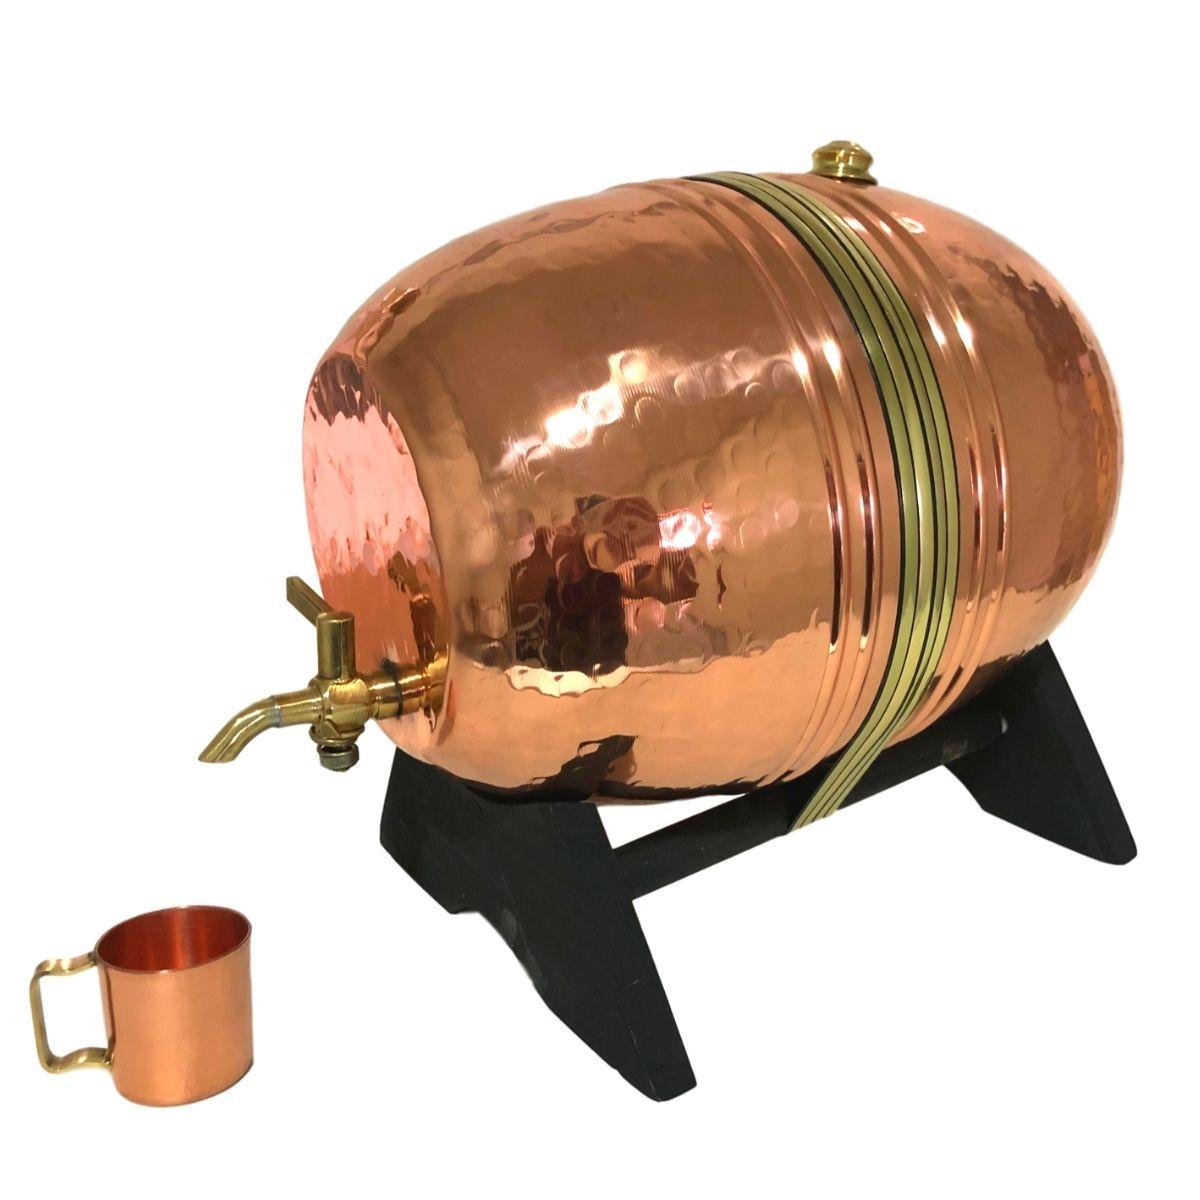 Barril de Cobre Martelado 5 litros + 1 Canequinha de Cobre